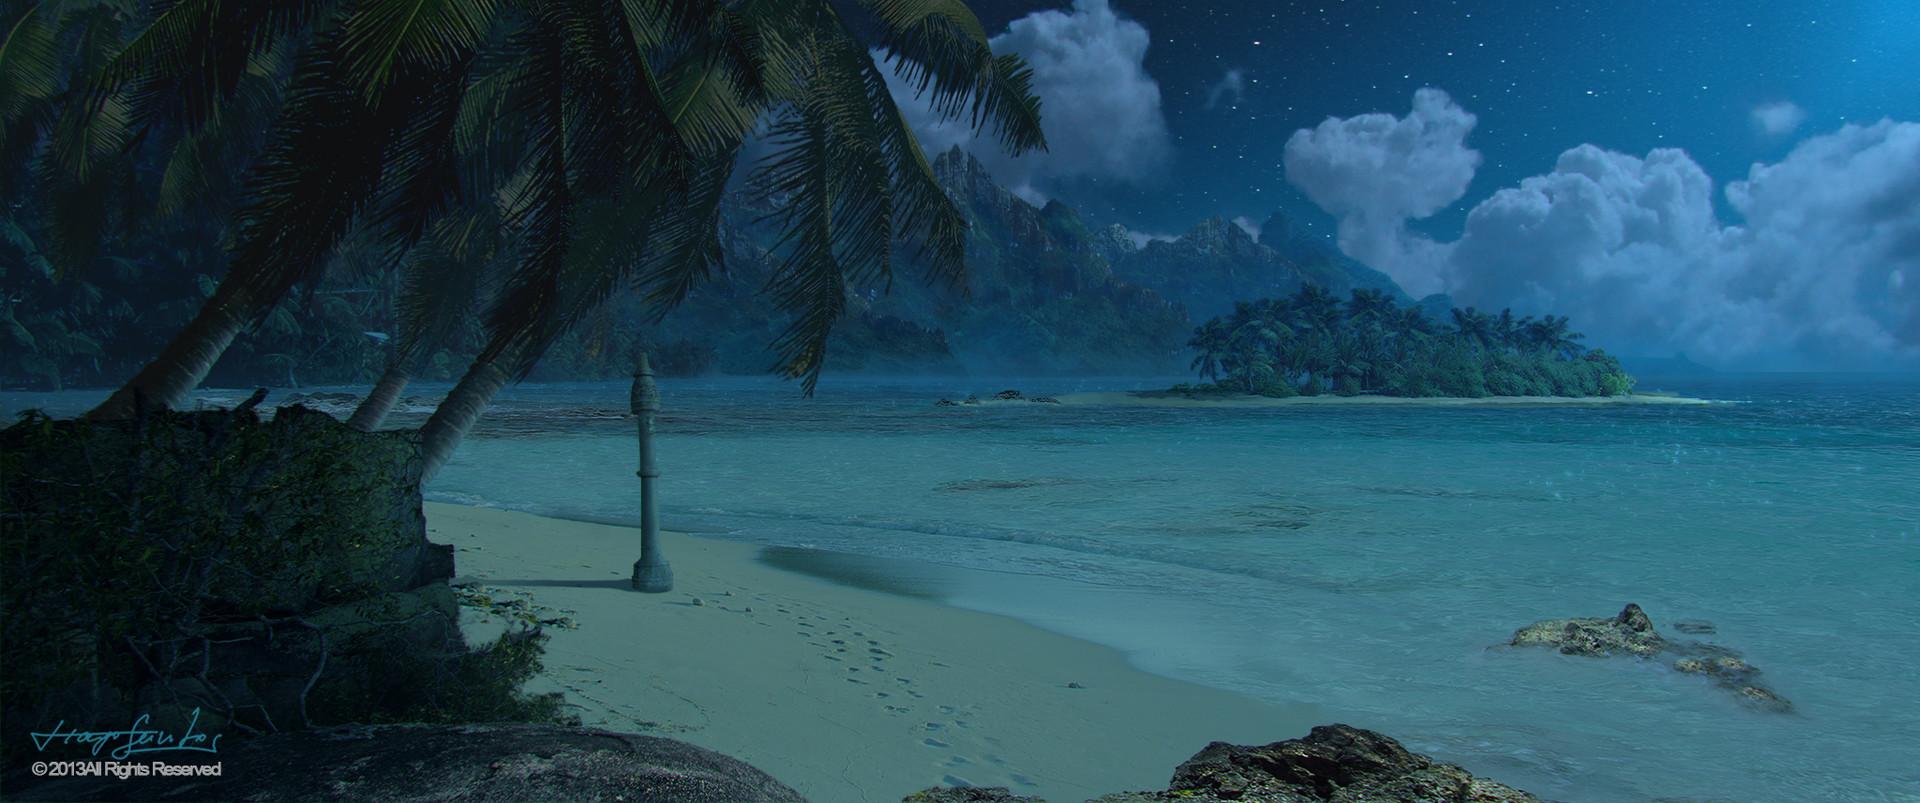 Tiago santos tropicalnightmatte